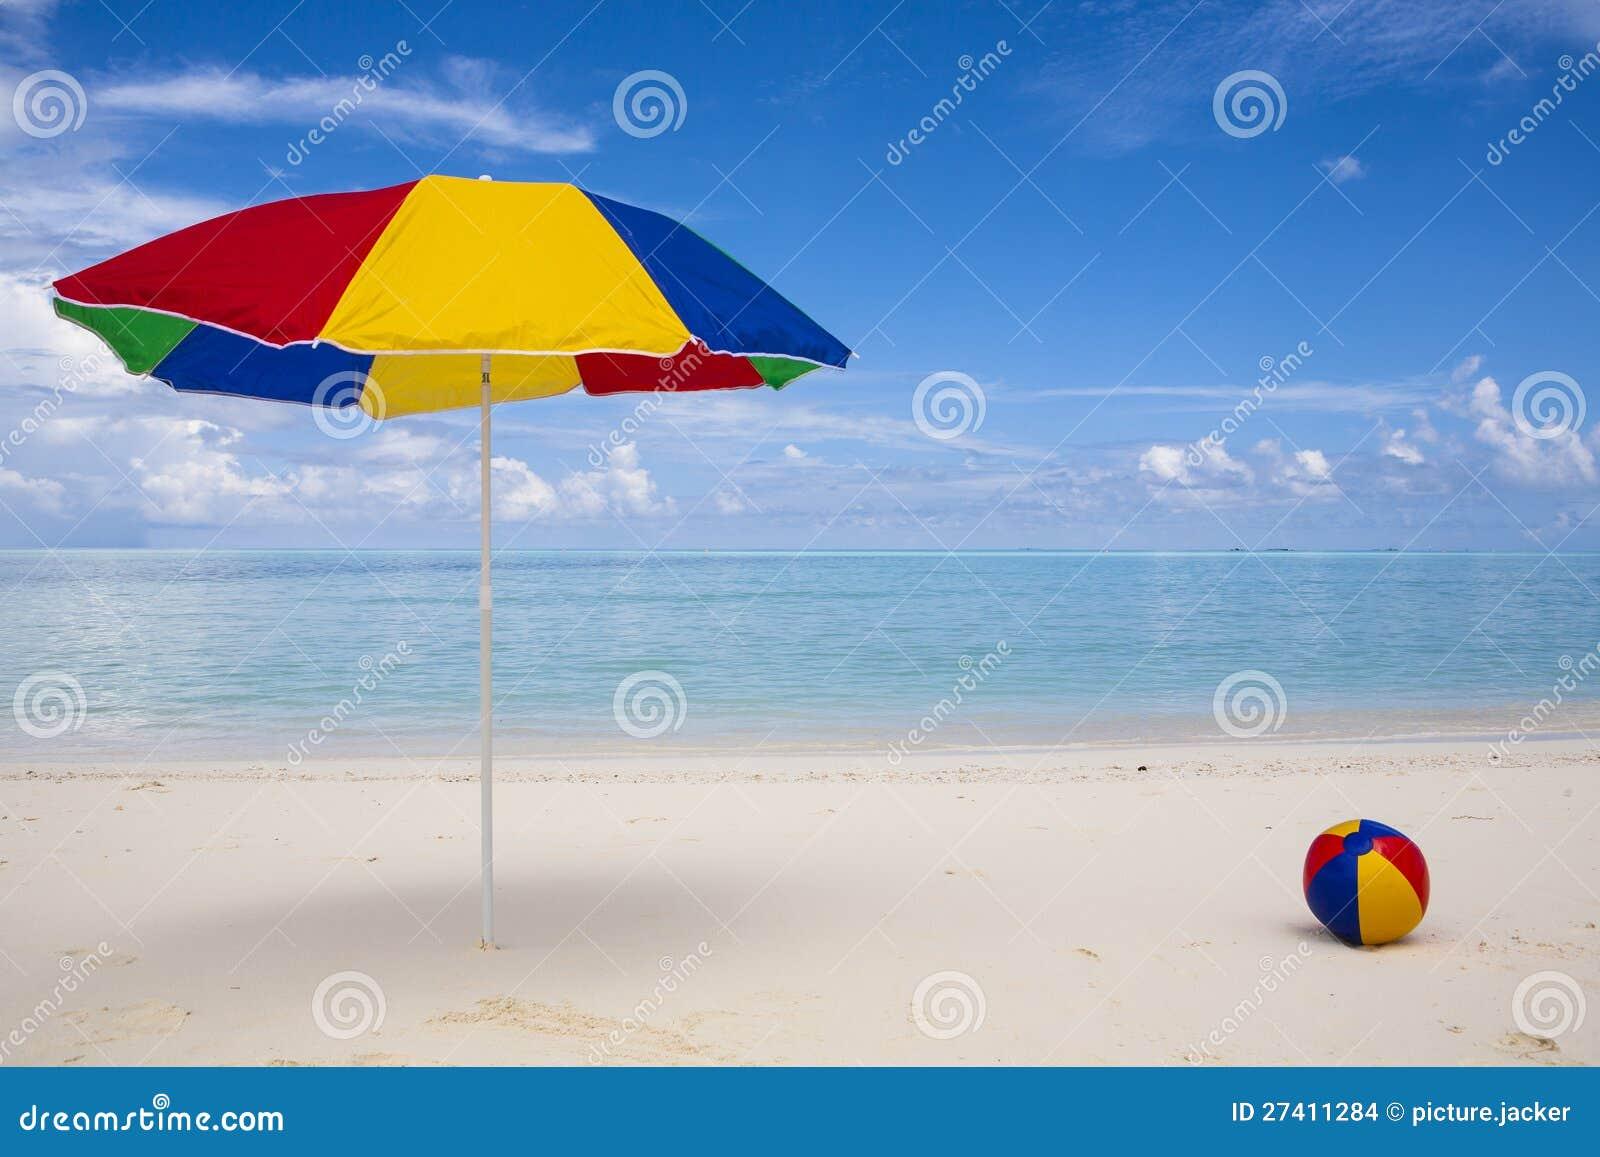 Sombrilla y bola coloridas en la playa imagenes de archivo - Sombrilla playa ...